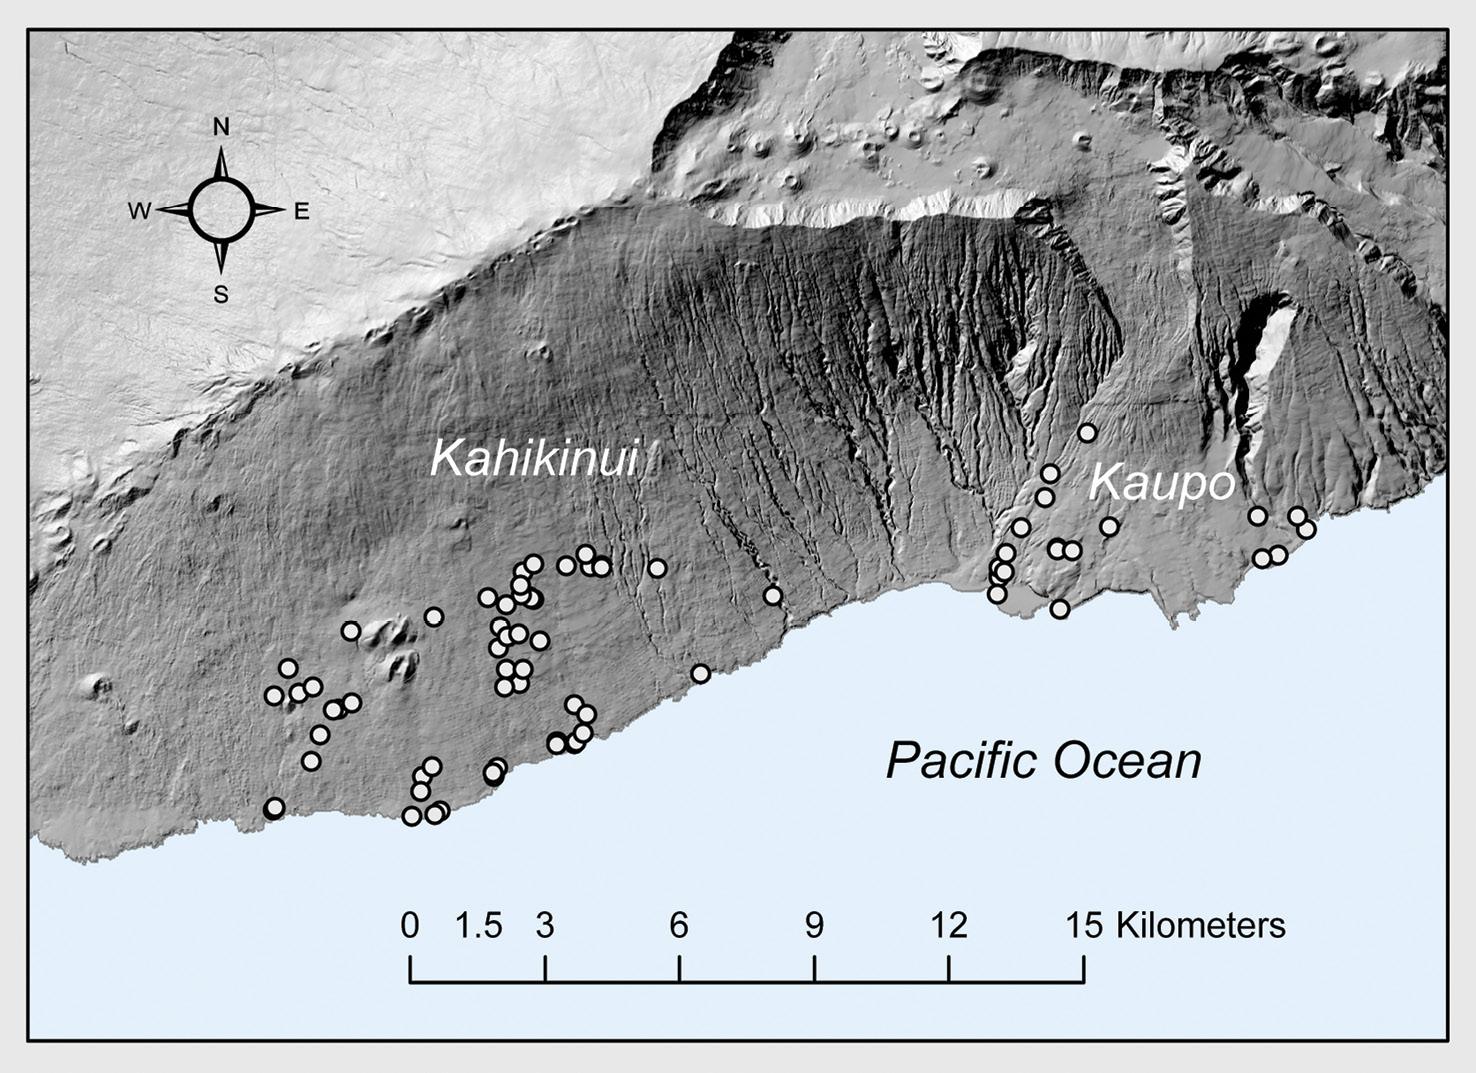 above The location of heiau sites in Kahikinui and Kaupō districts on Maui.